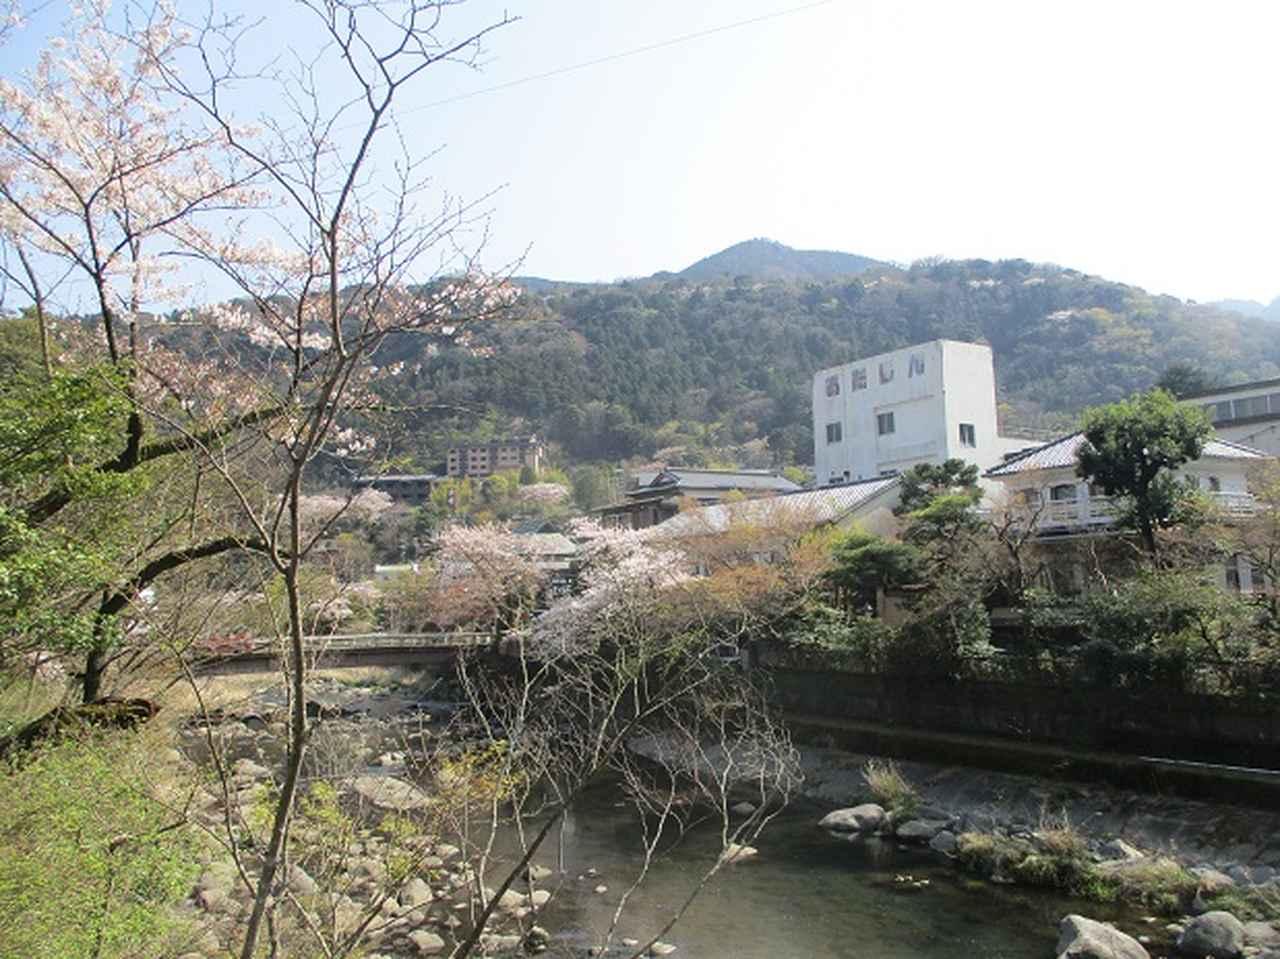 画像1: 4月の山旅会 「天狗岩から要害山」 の直前下見報告です!